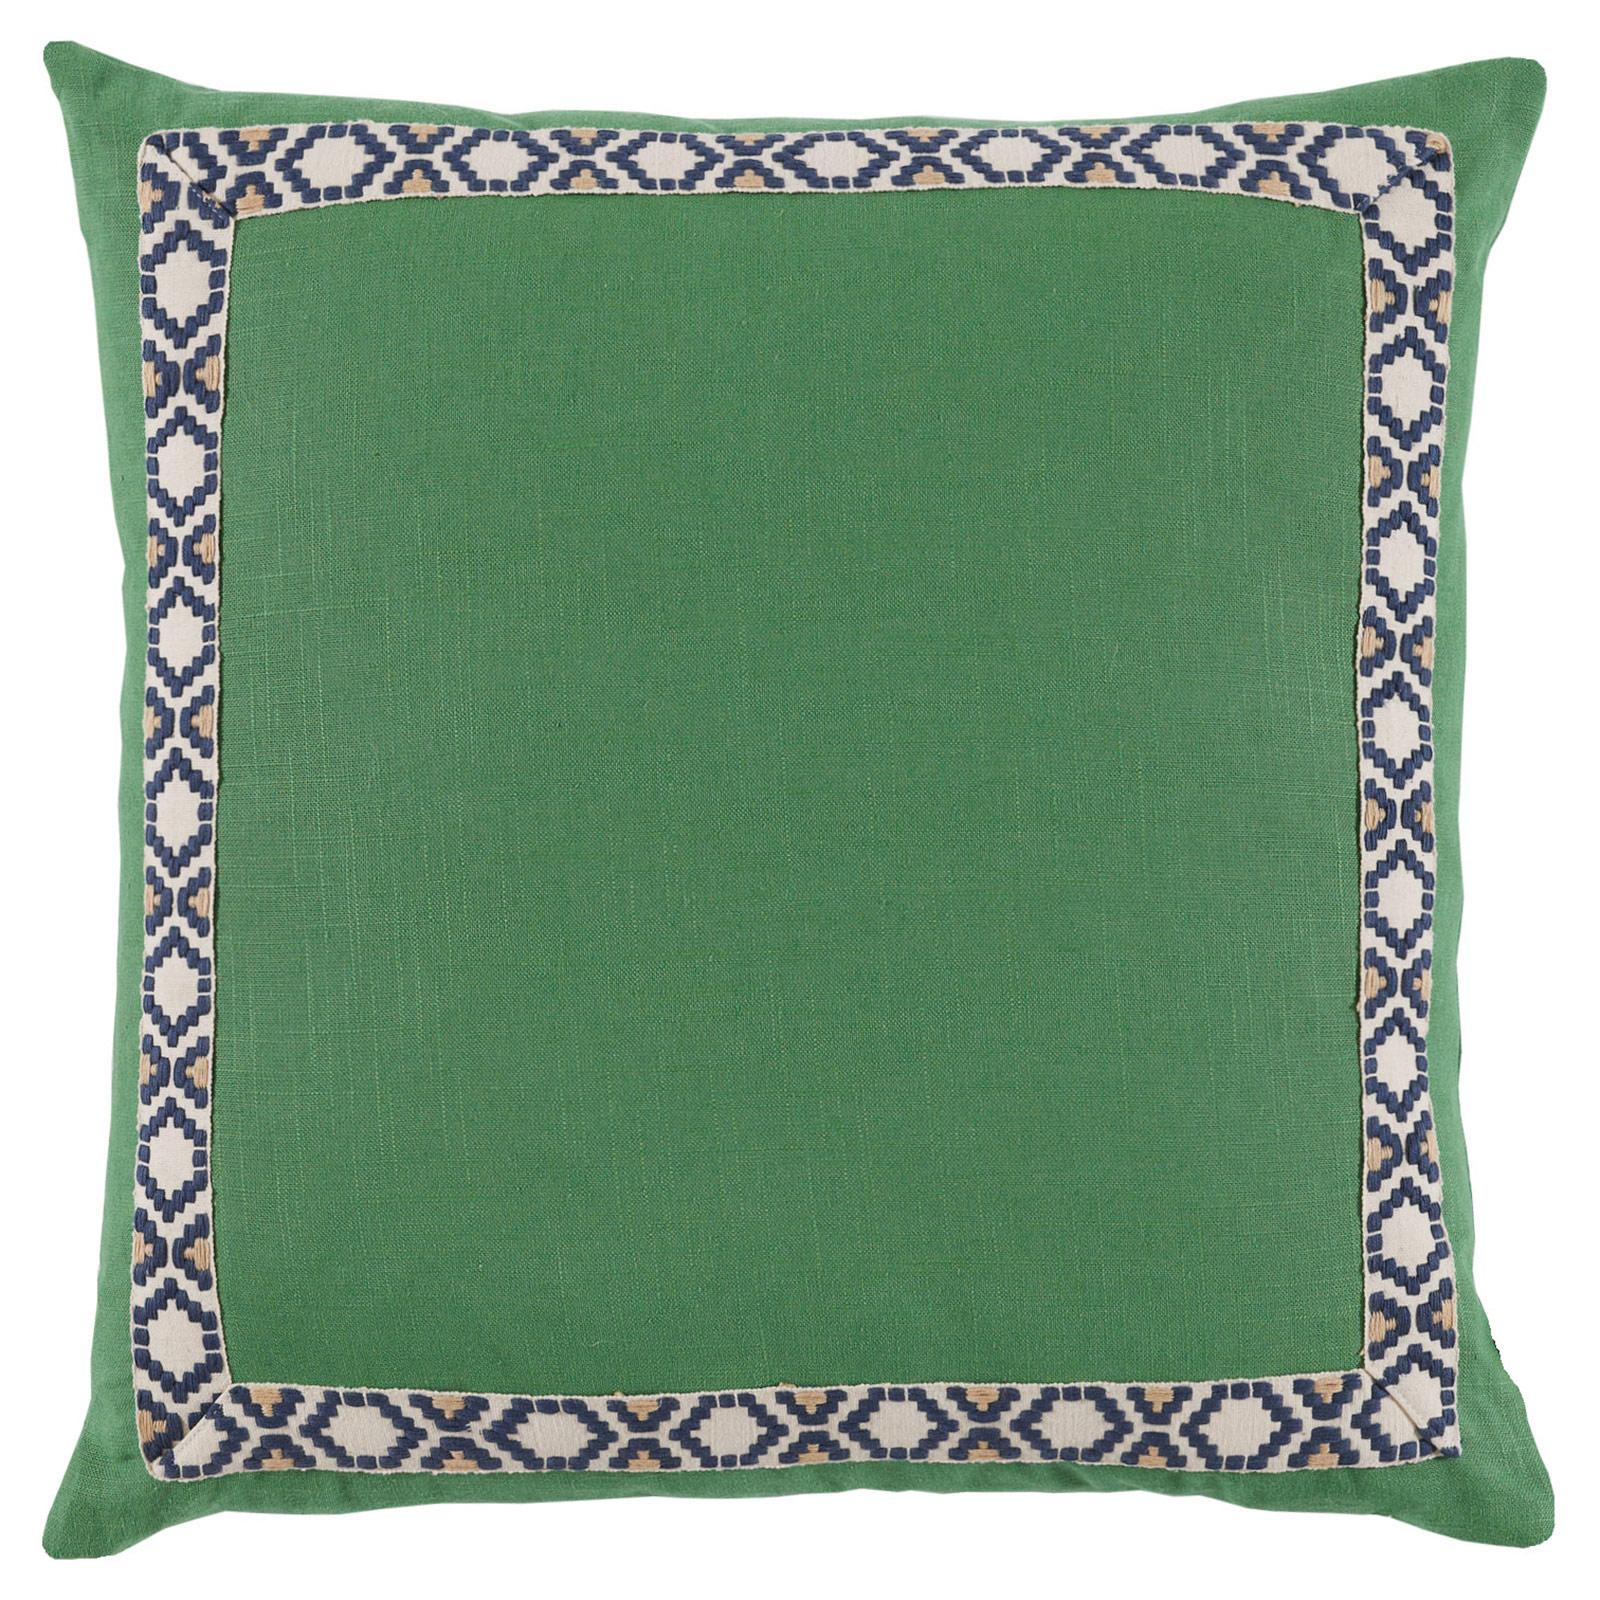 Kaia Global Green Linen Trim Band Pillow - 24x24